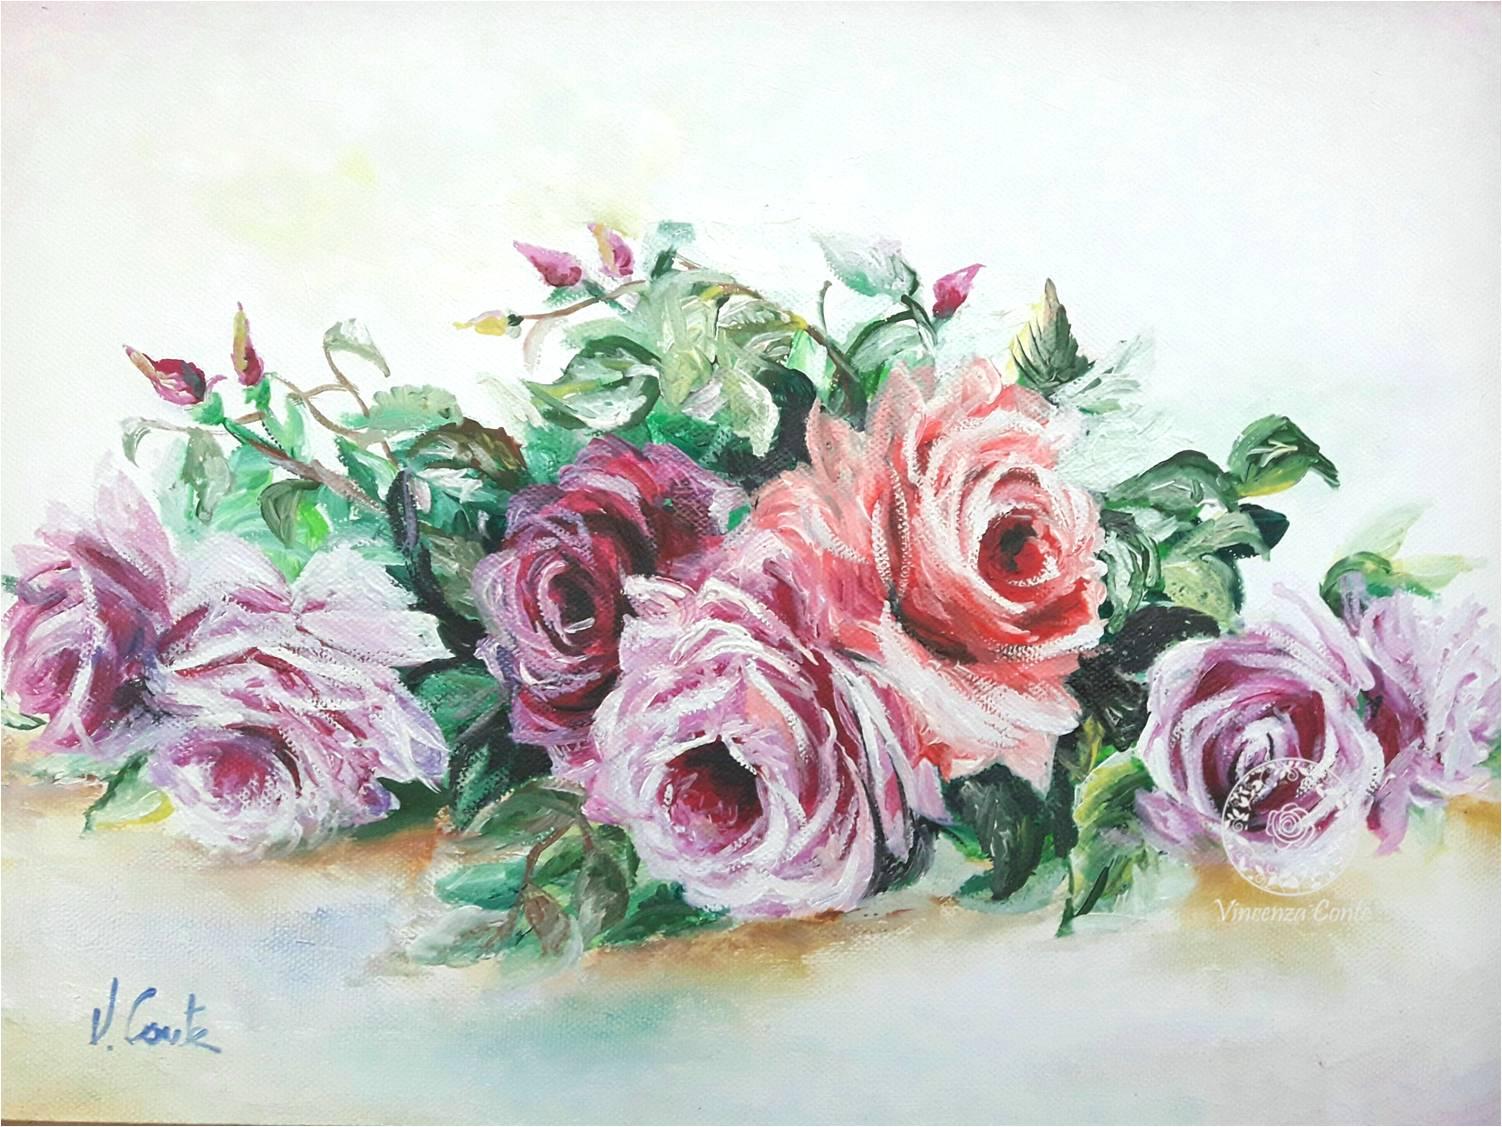 Fiori dipinti ad olio su tela. Galleria on line di Vincenza Conte.